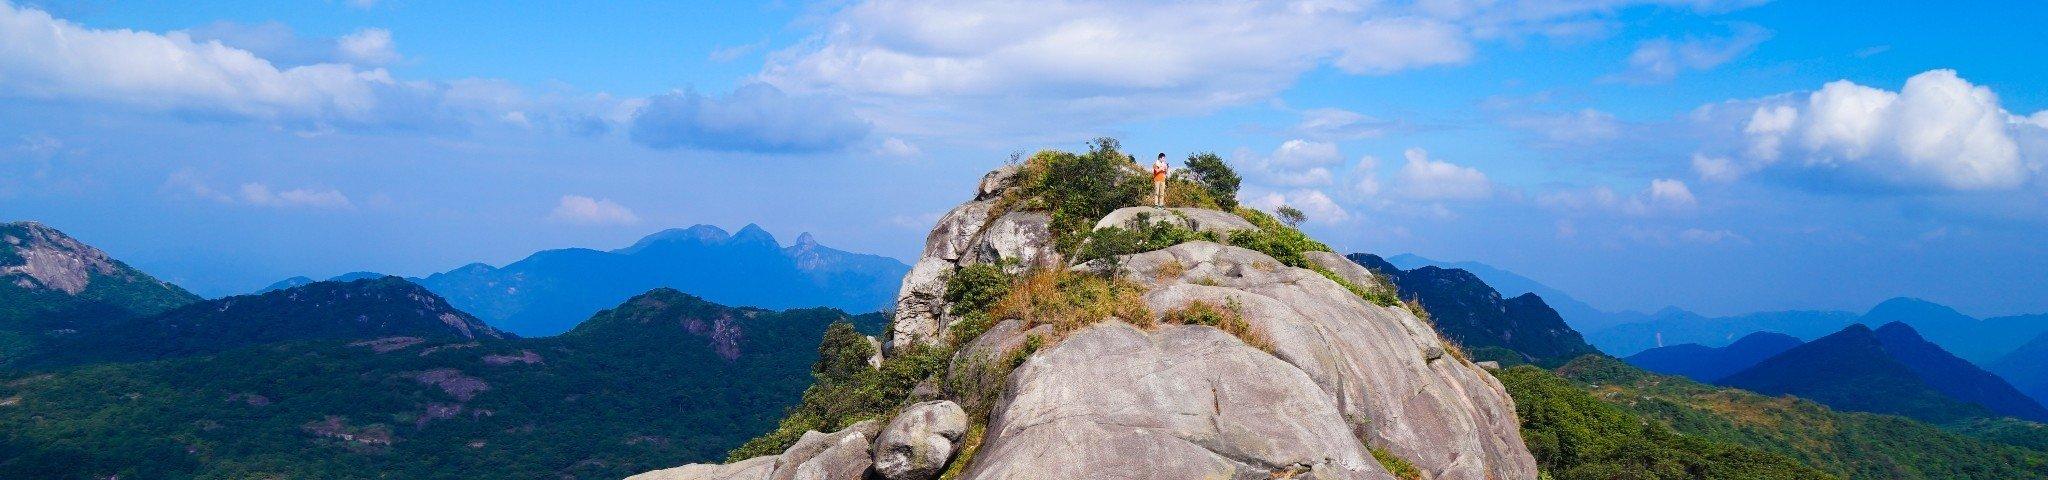 徒步爬山从化十登之老虎头